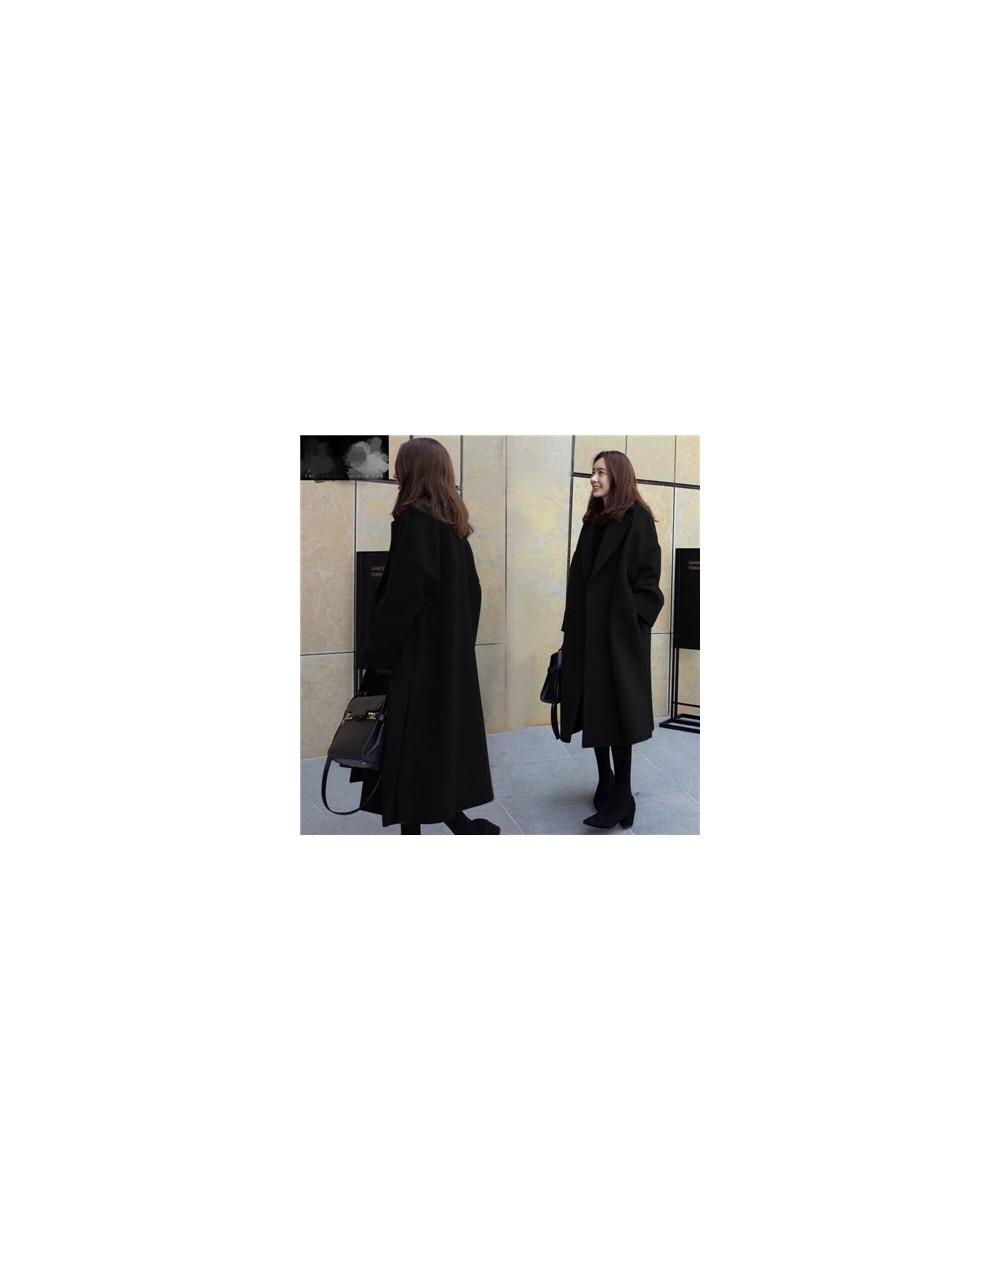 Winter Coat Women Wool Jacket Long Cotton Single Breasted Black Coats Women Outerwear Jacket Fashion Female Blends Overcoat ...